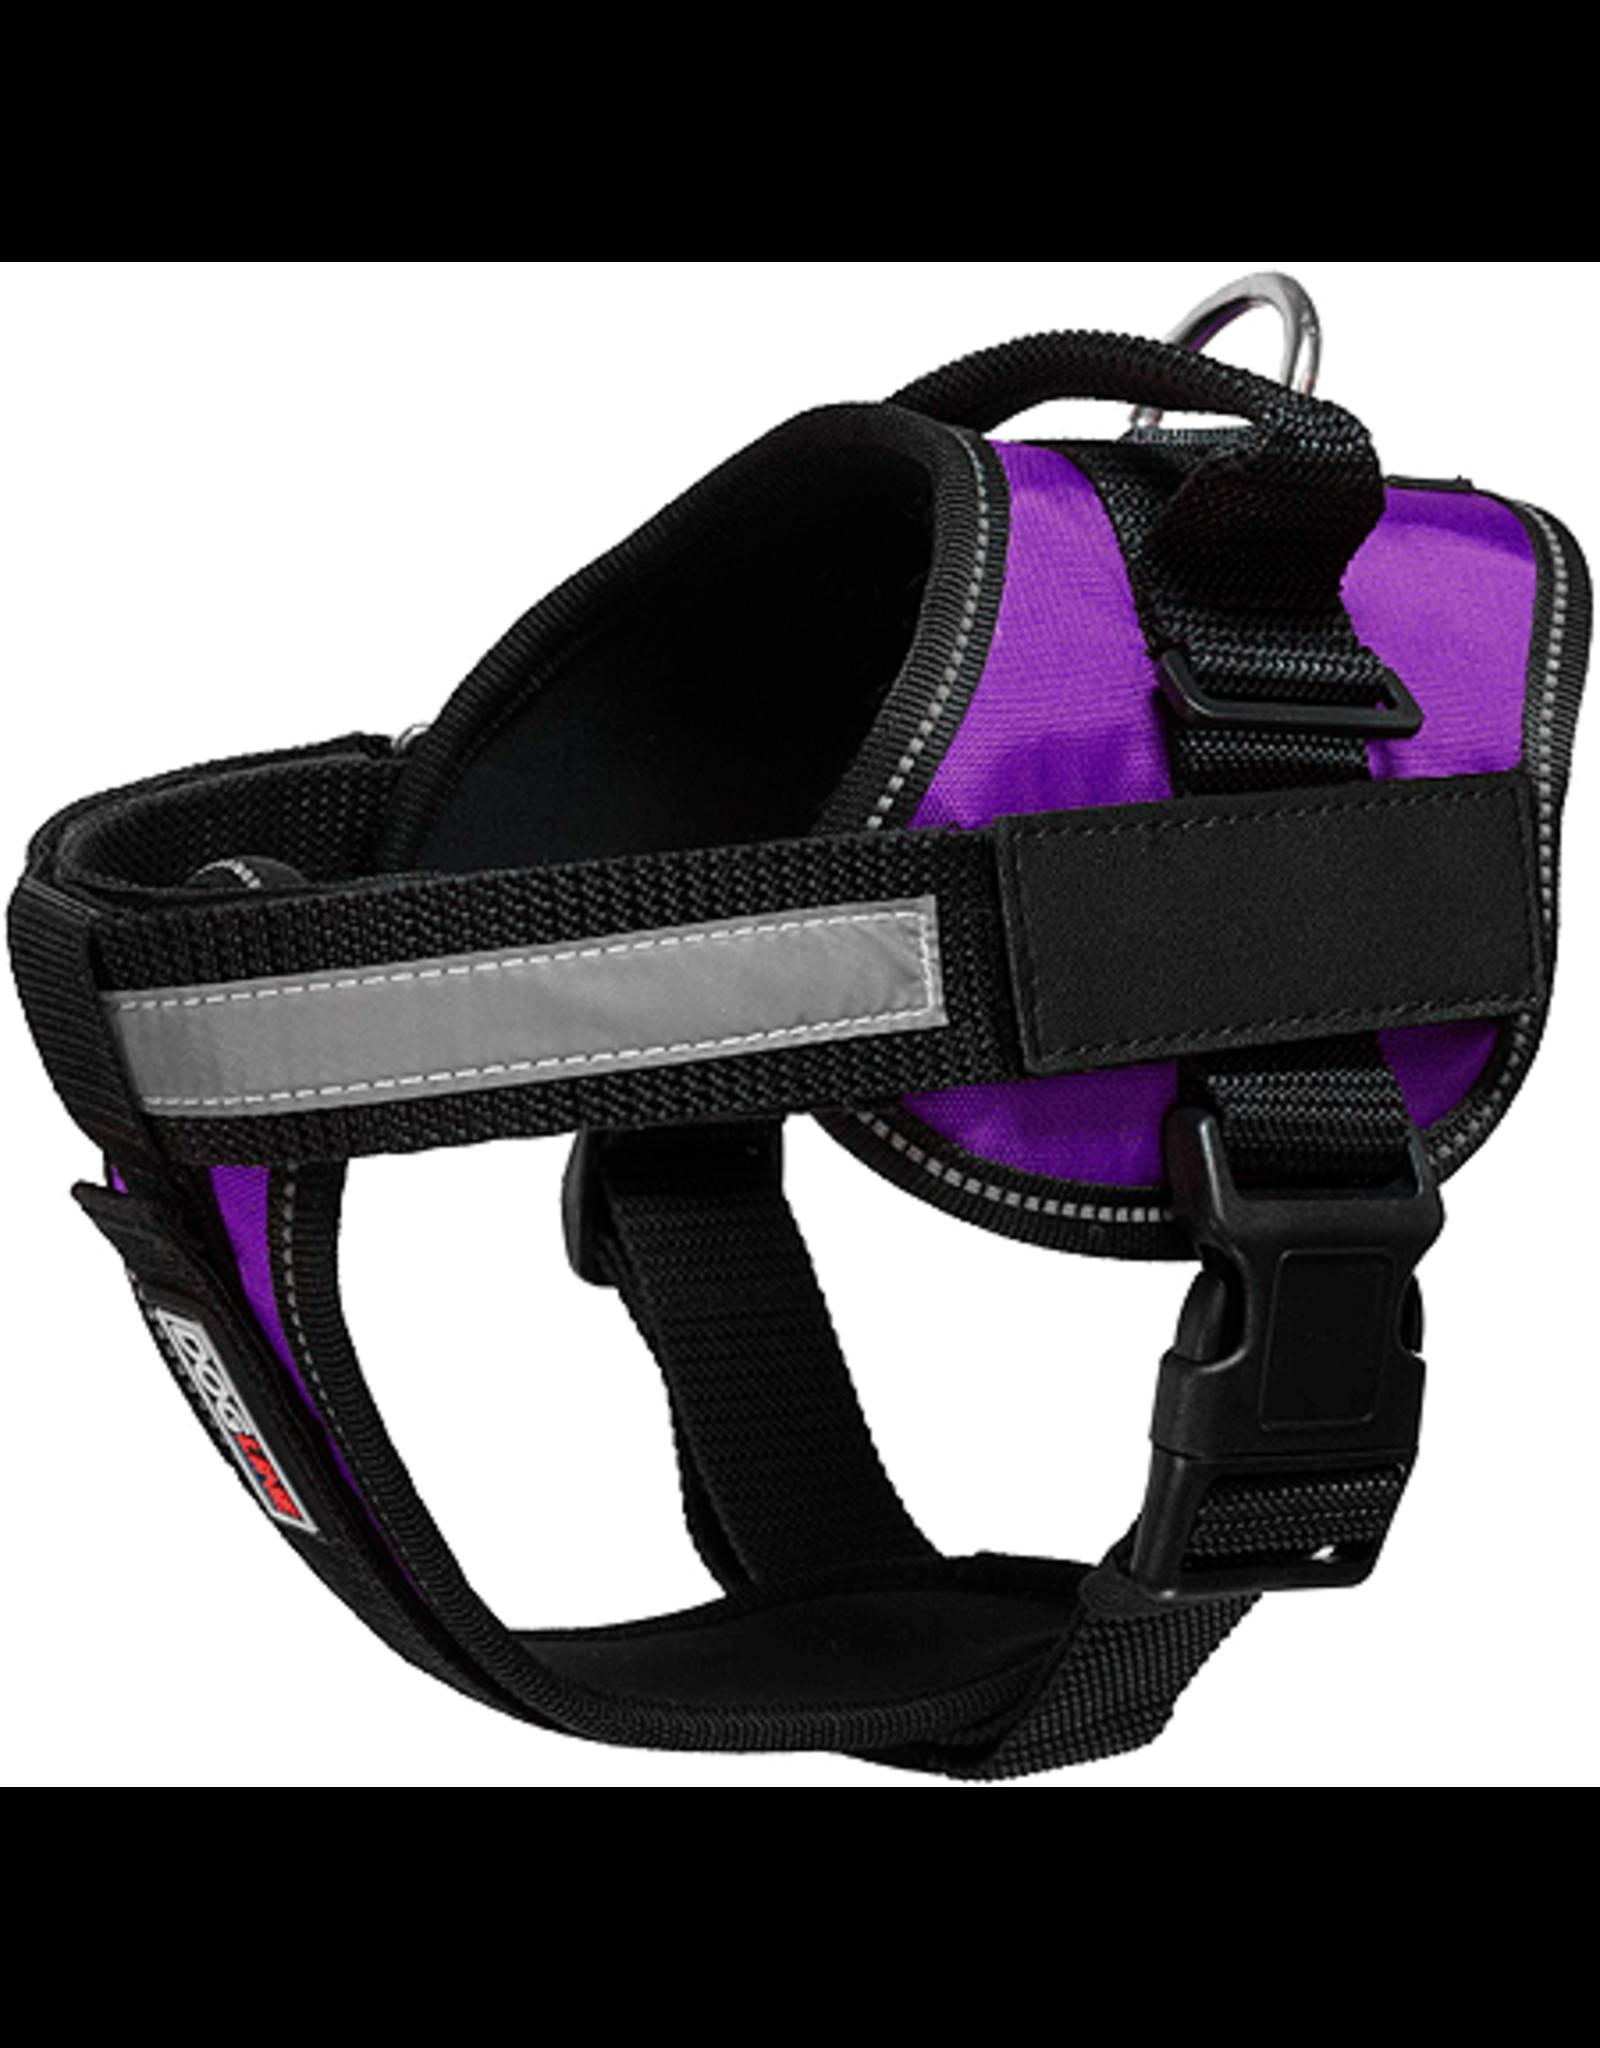 Dogline DOGLINE Unimax Multi-Purpose Harness M